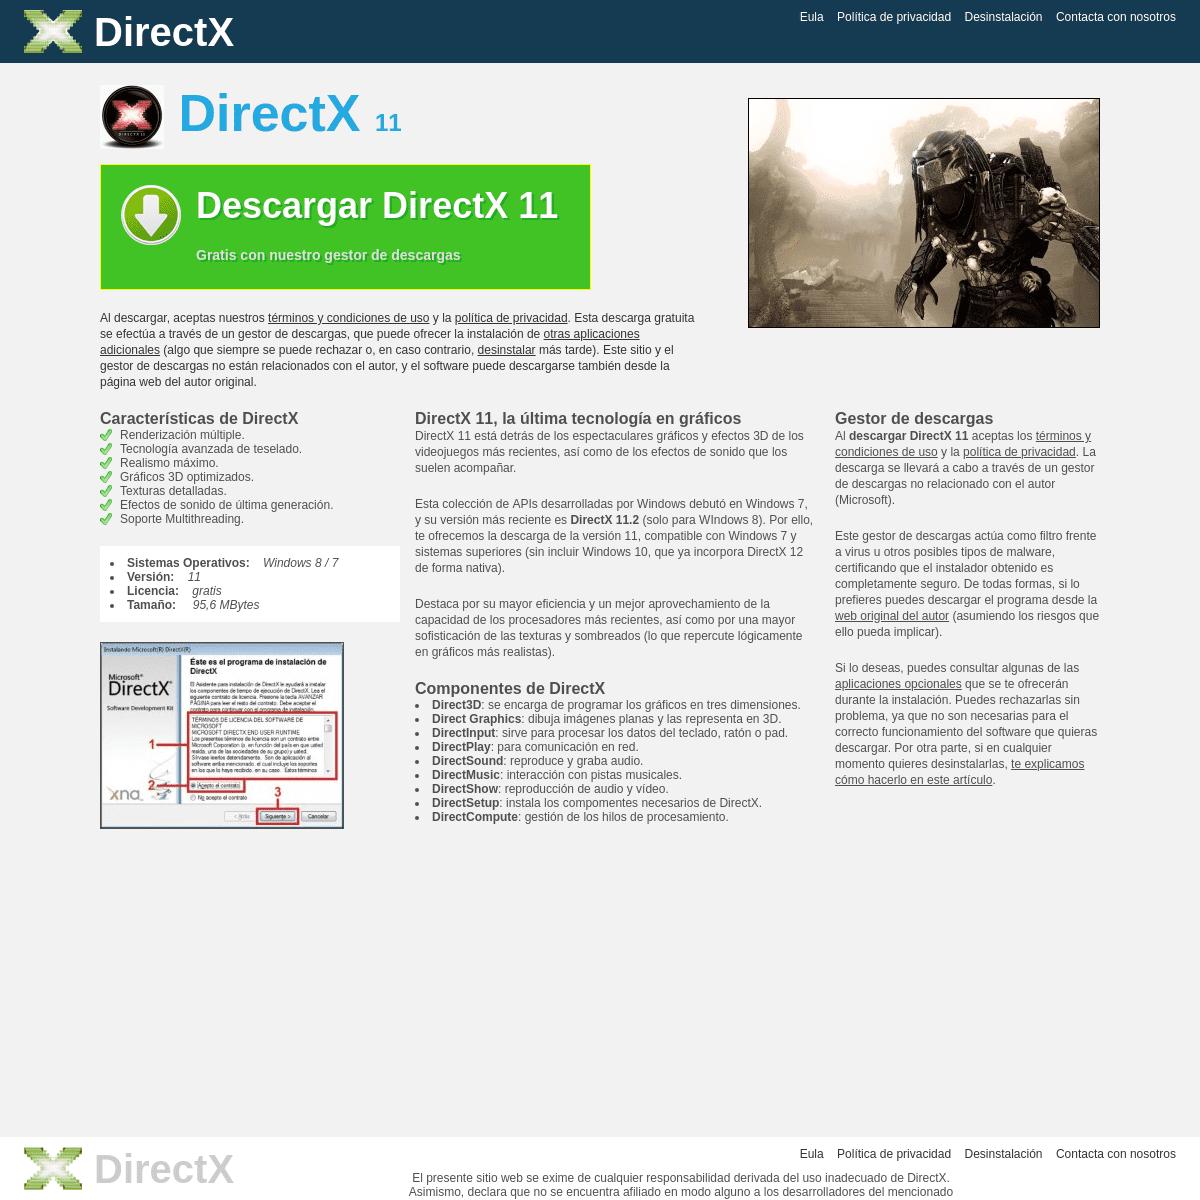 ArchiveBay.com - directx.com.es - DirectX 11 - Descargar gratis